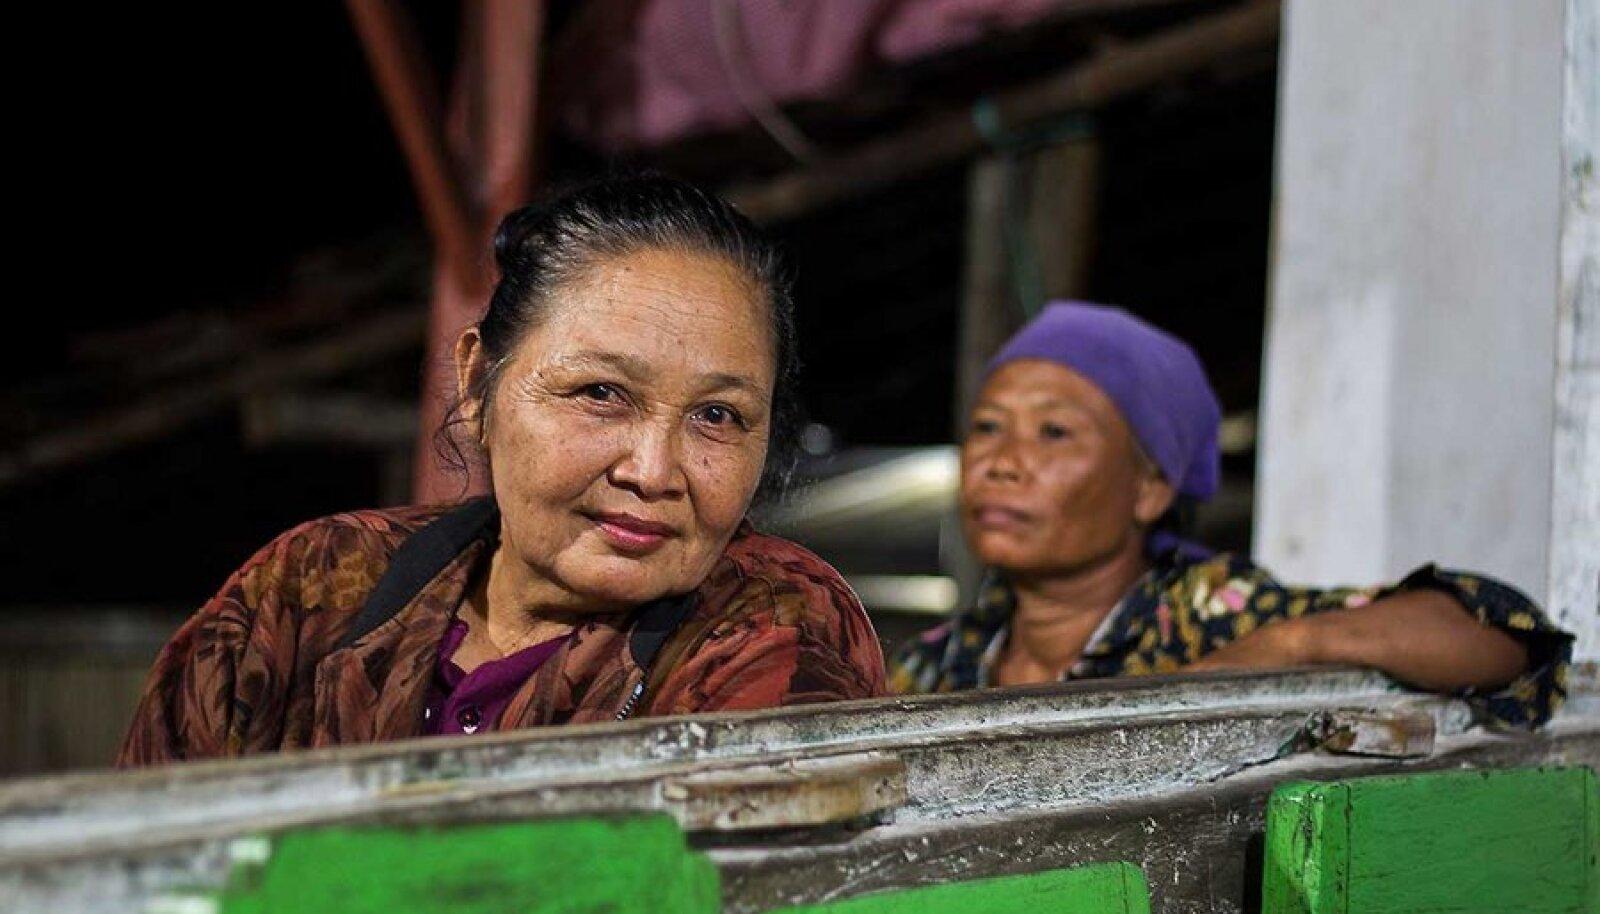 Kohvikupidaja kliente ootamas:Gunung Kemukuse mäele tunglev rahvahulk pakub kohalikele tõhusat teenistust.